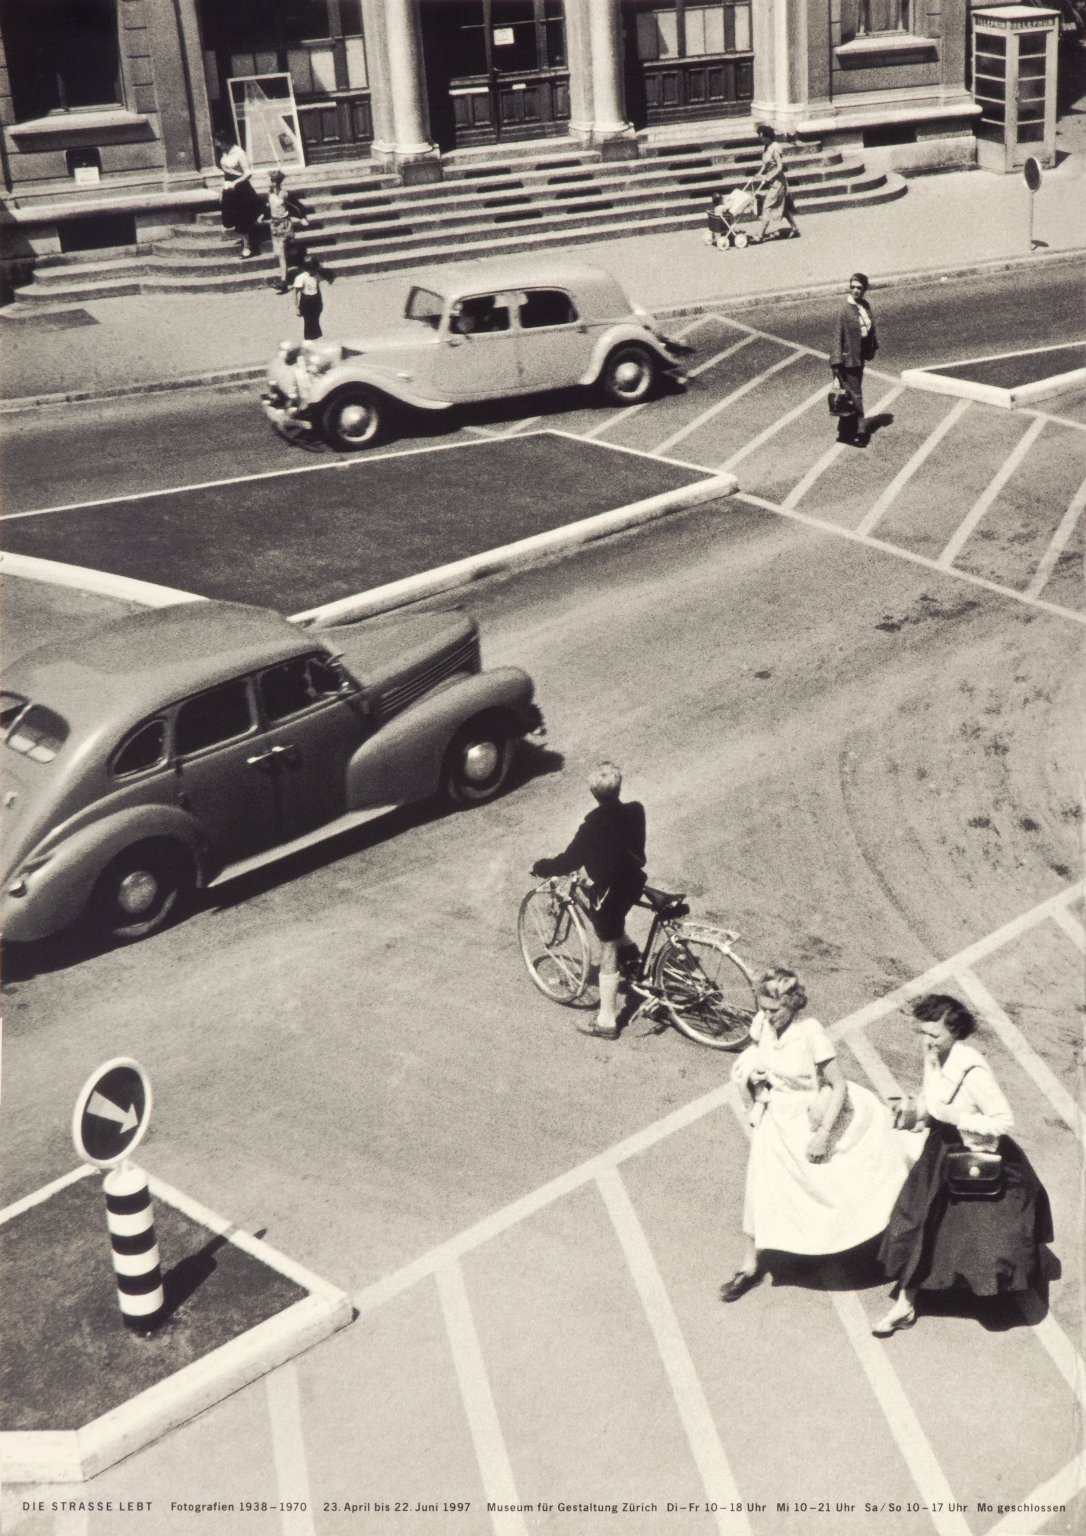 Die Strass Lebt: Fotografien 1938-1970